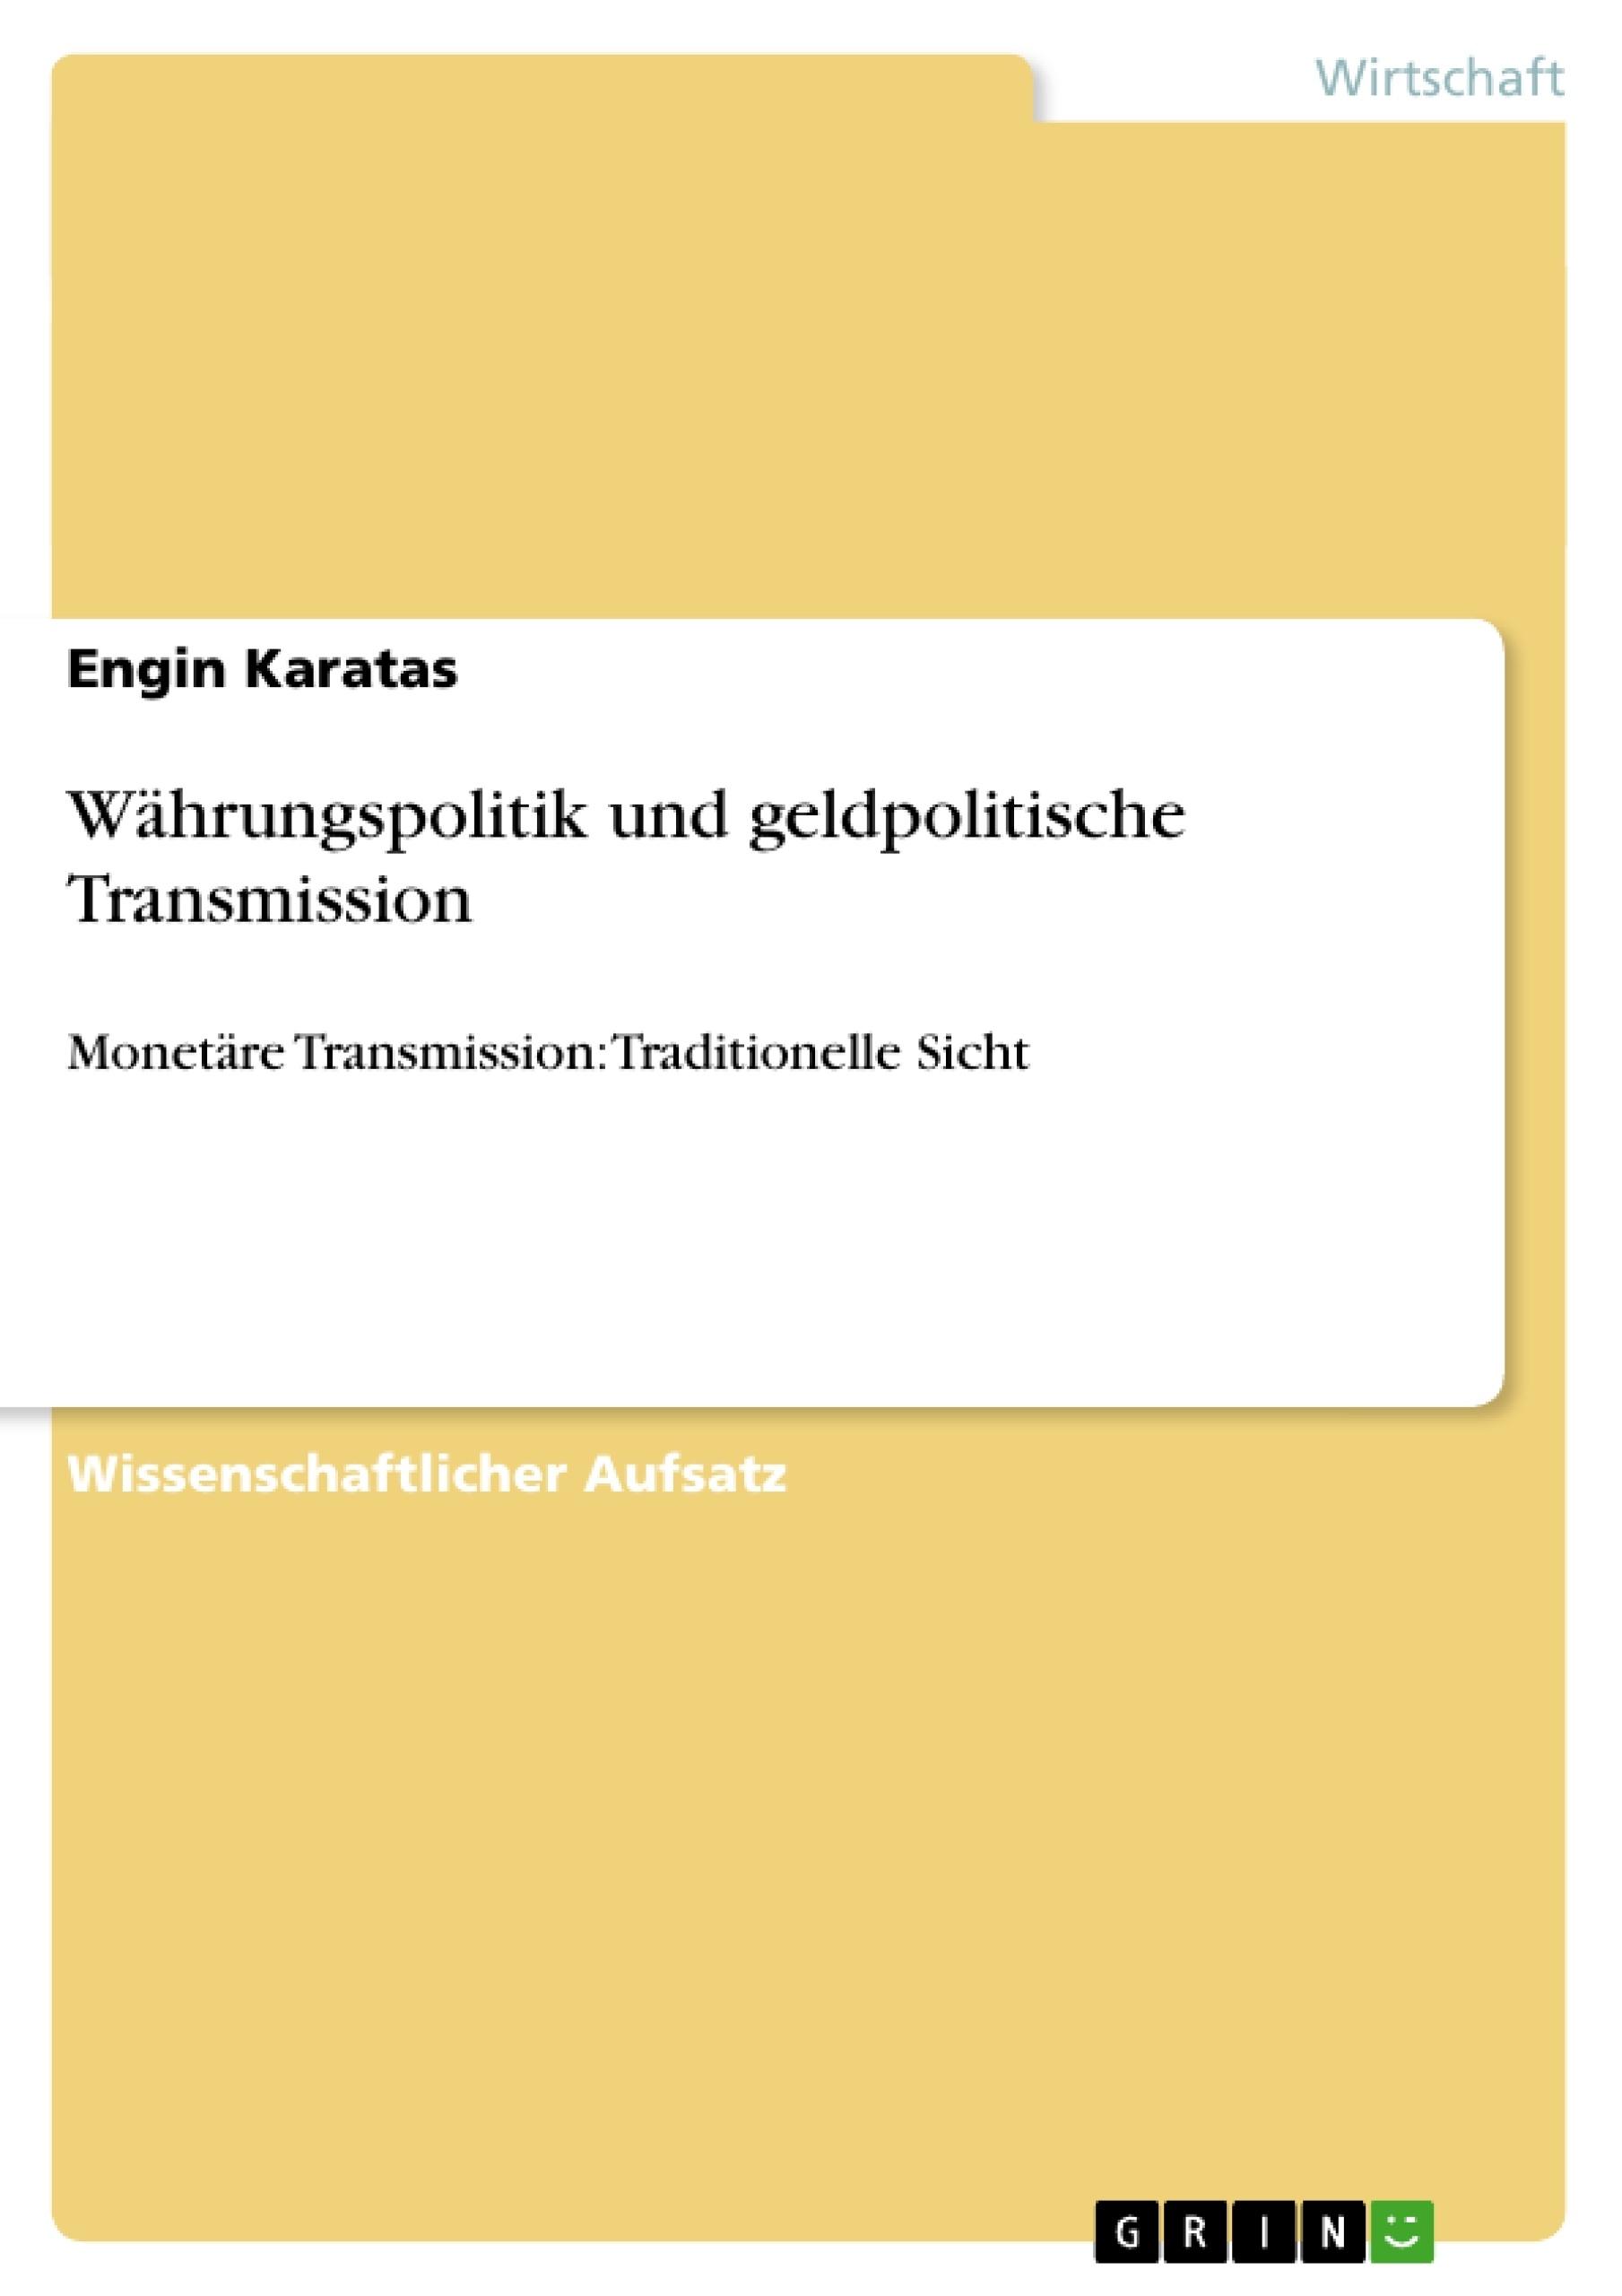 Titel: Währungspolitik und geldpolitische Transmission